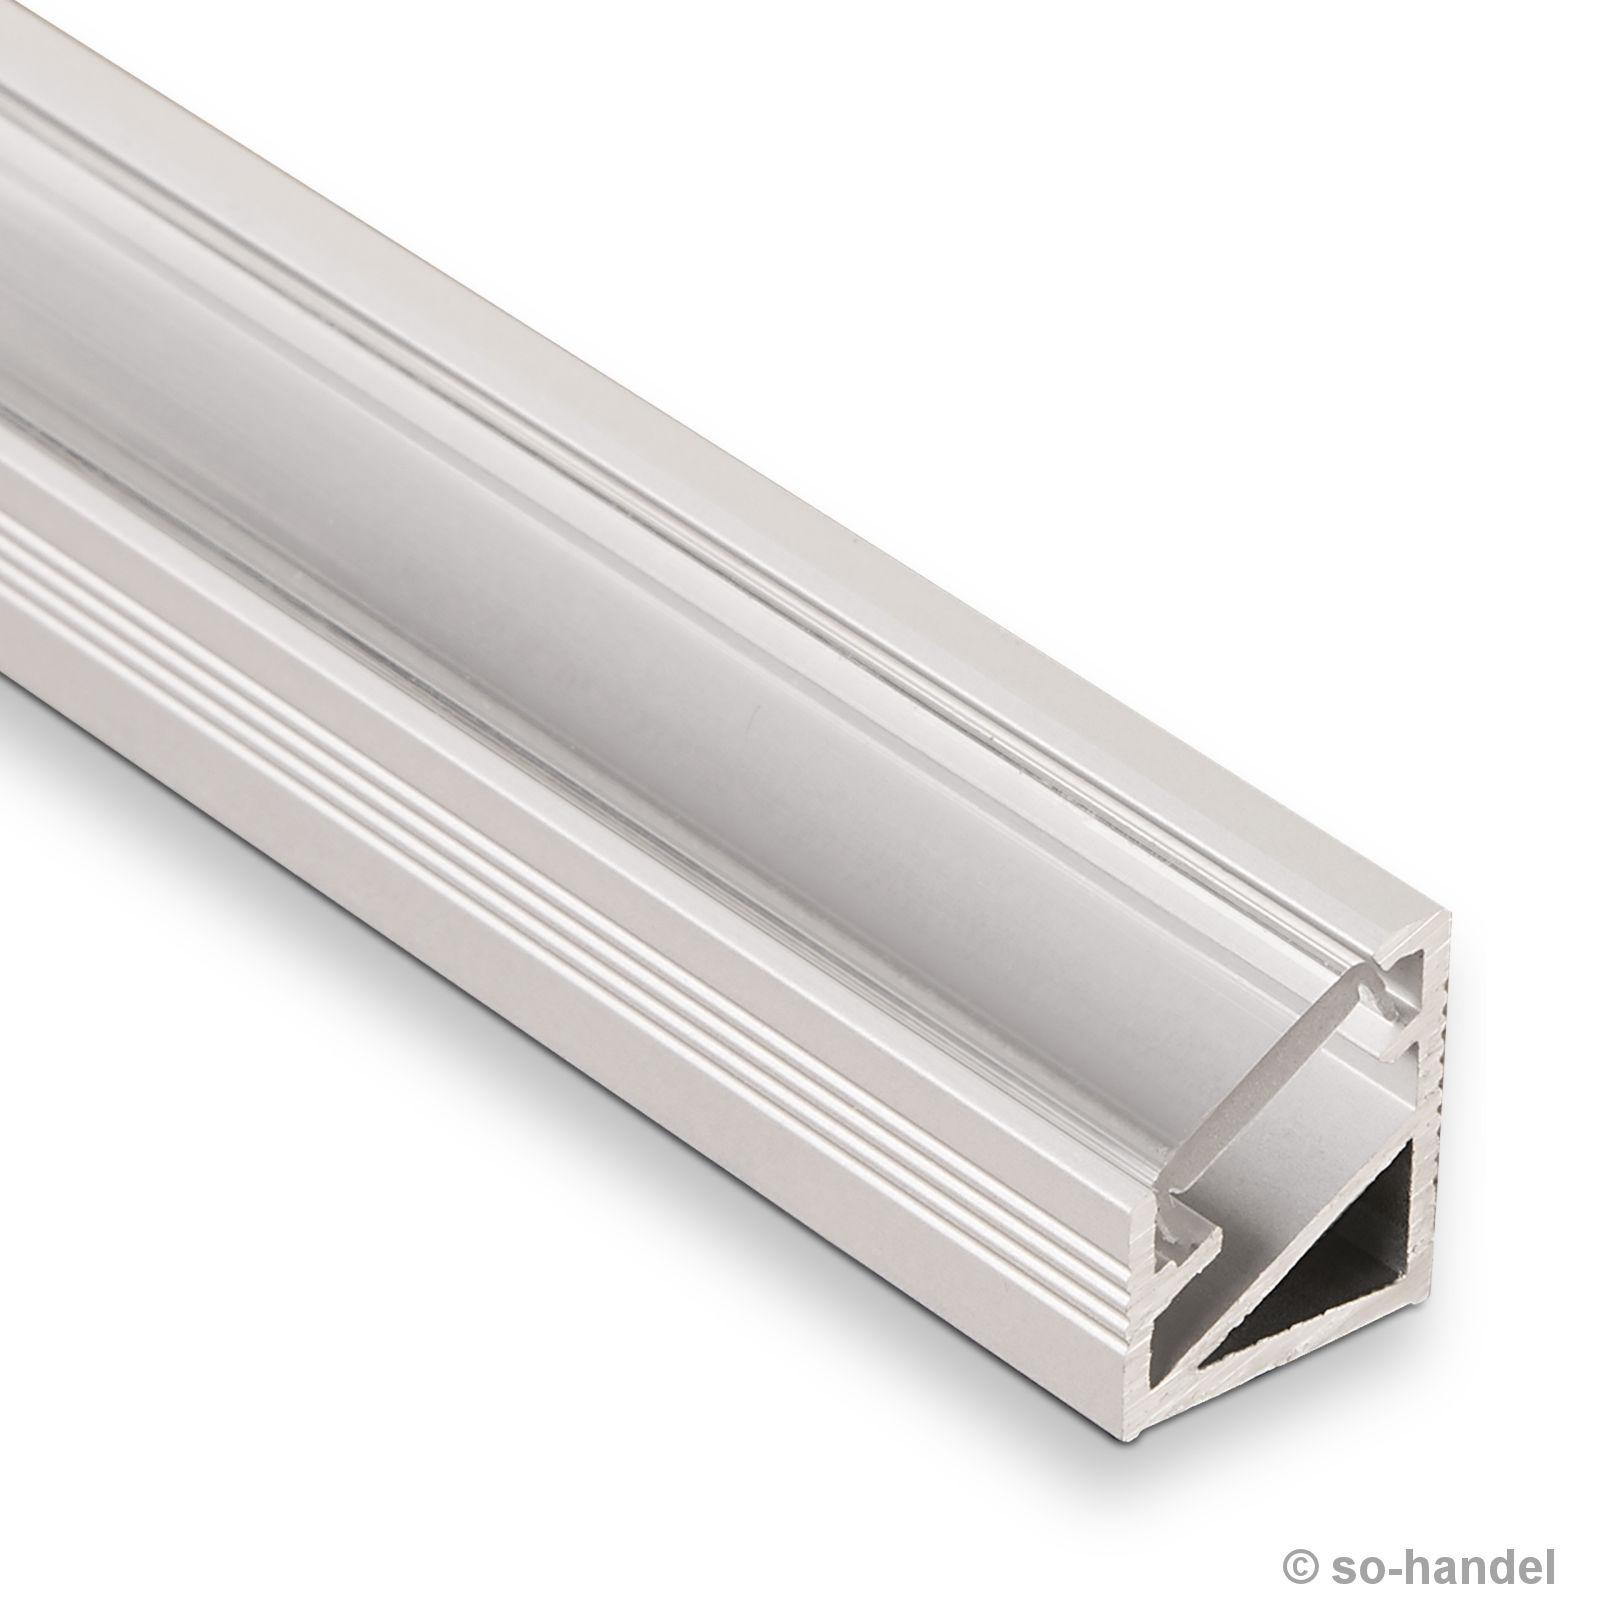 led profil 66 alu eloxiert klar eckprofil eck profil aluprofil aluminiumprofil profilschiene. Black Bedroom Furniture Sets. Home Design Ideas